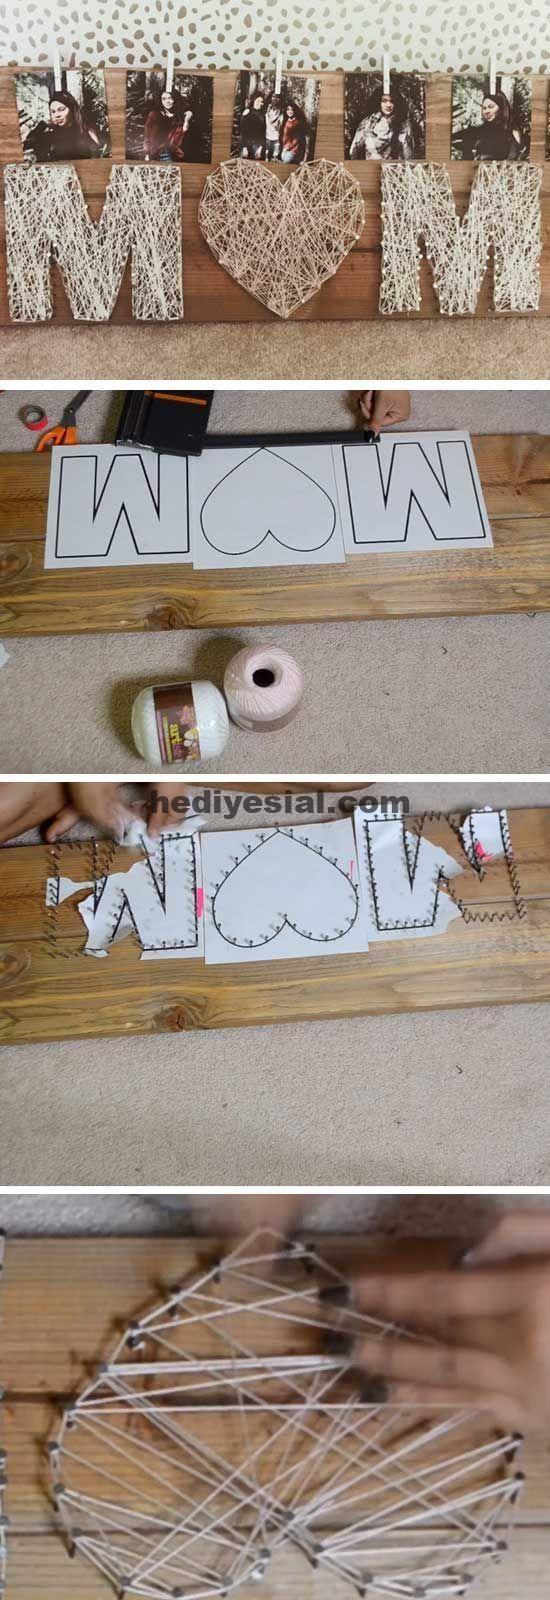 Mom String Art | DIY Muttertagsgeschenke vom Teenager,  #muttertagsgeschenke #pr... - #Art #DIY #Mom #Muttertagsgeschenke #pr #String #teenager #vom